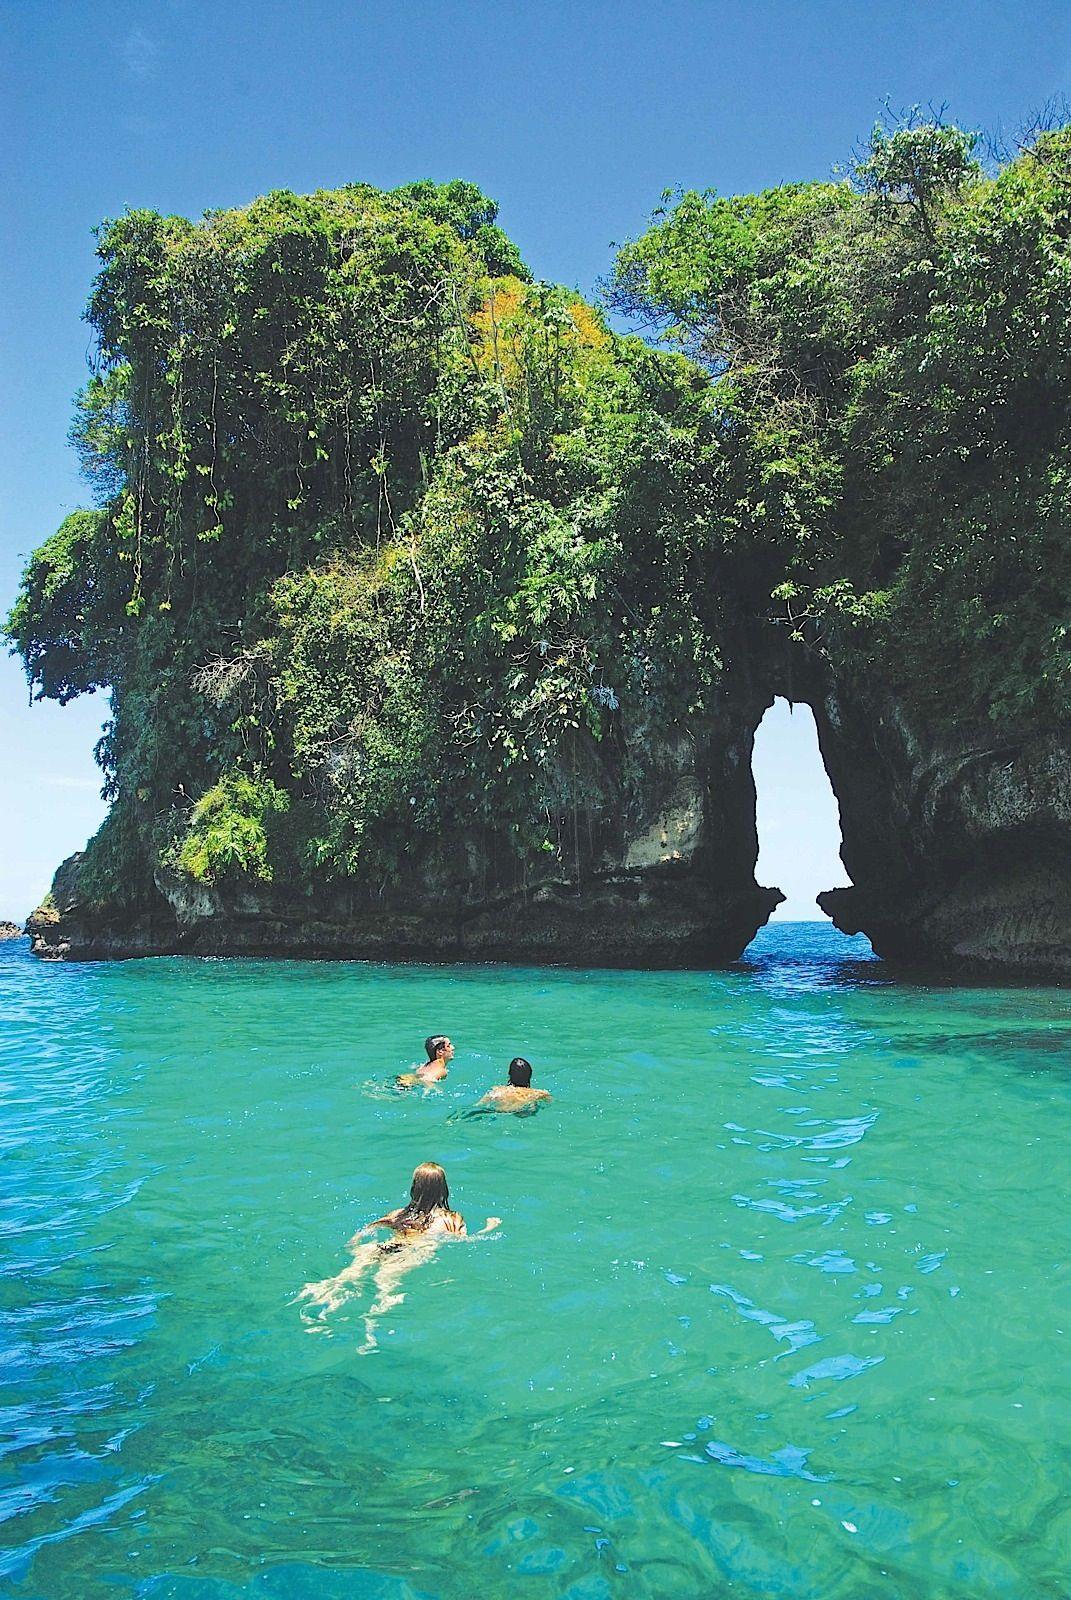 Image Result For Playa El Toro Panama Boca Del Drago